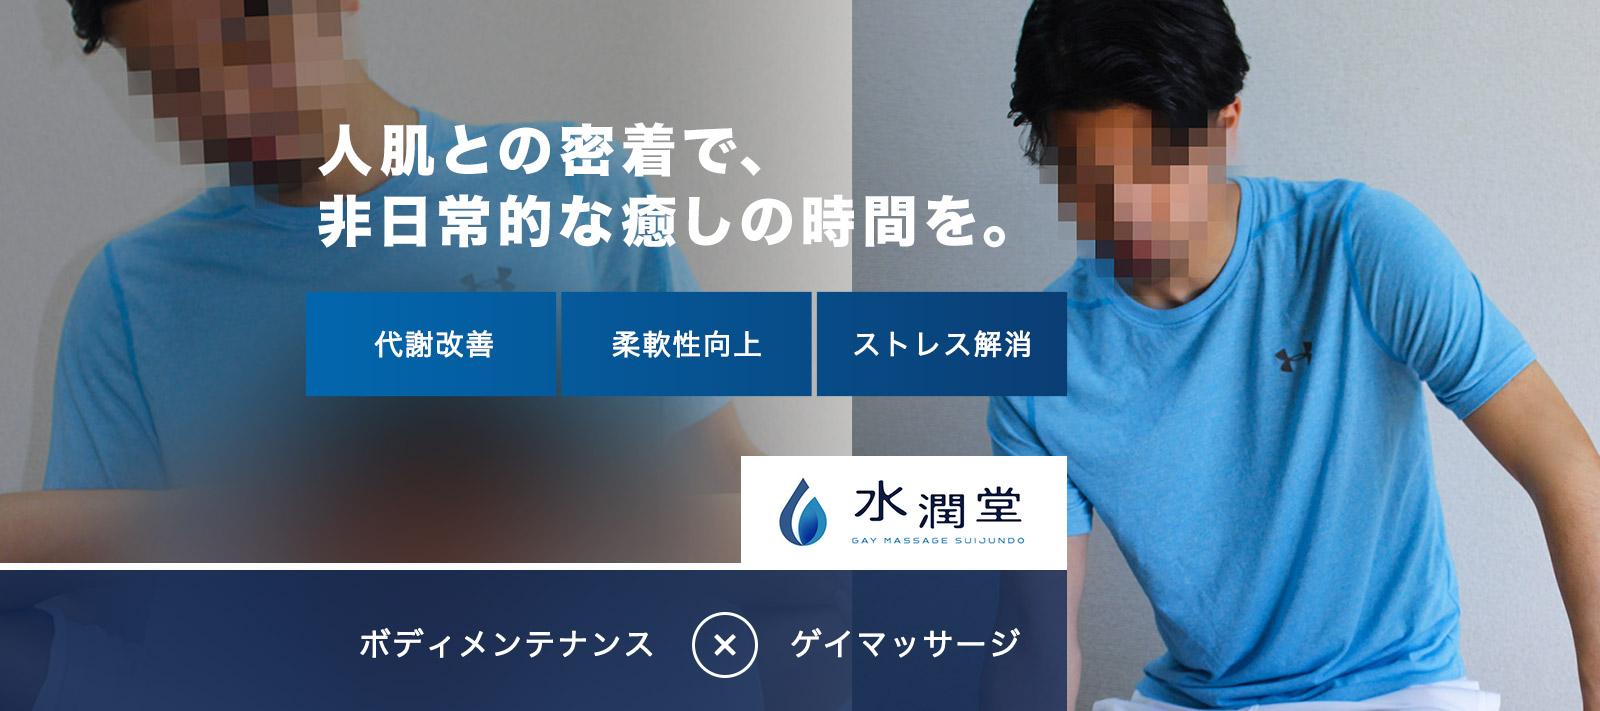 大阪ゲイマッサージ専門店REFINING COREはこちら